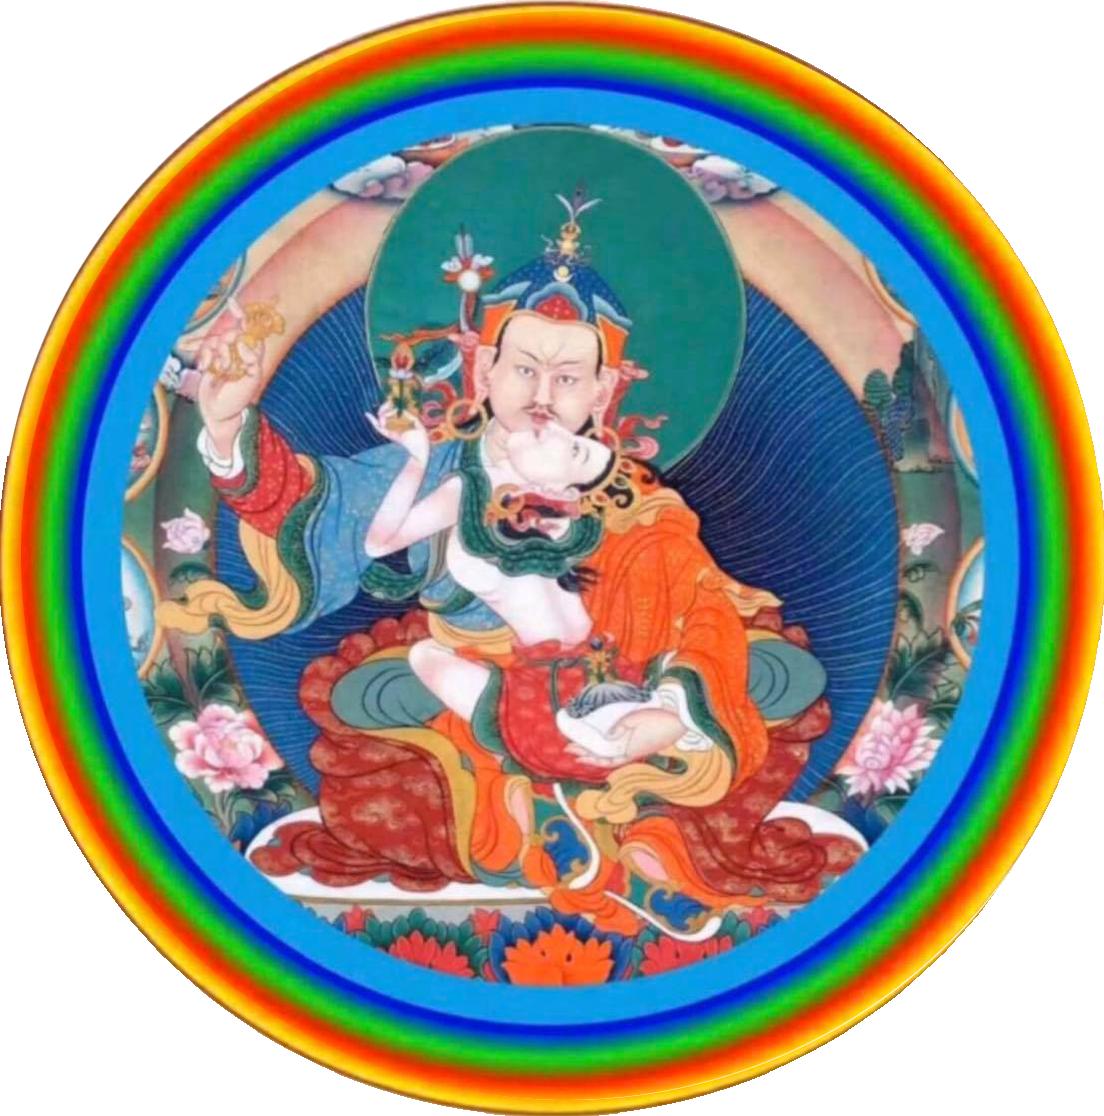 Guru Circle (1104 x 1116)